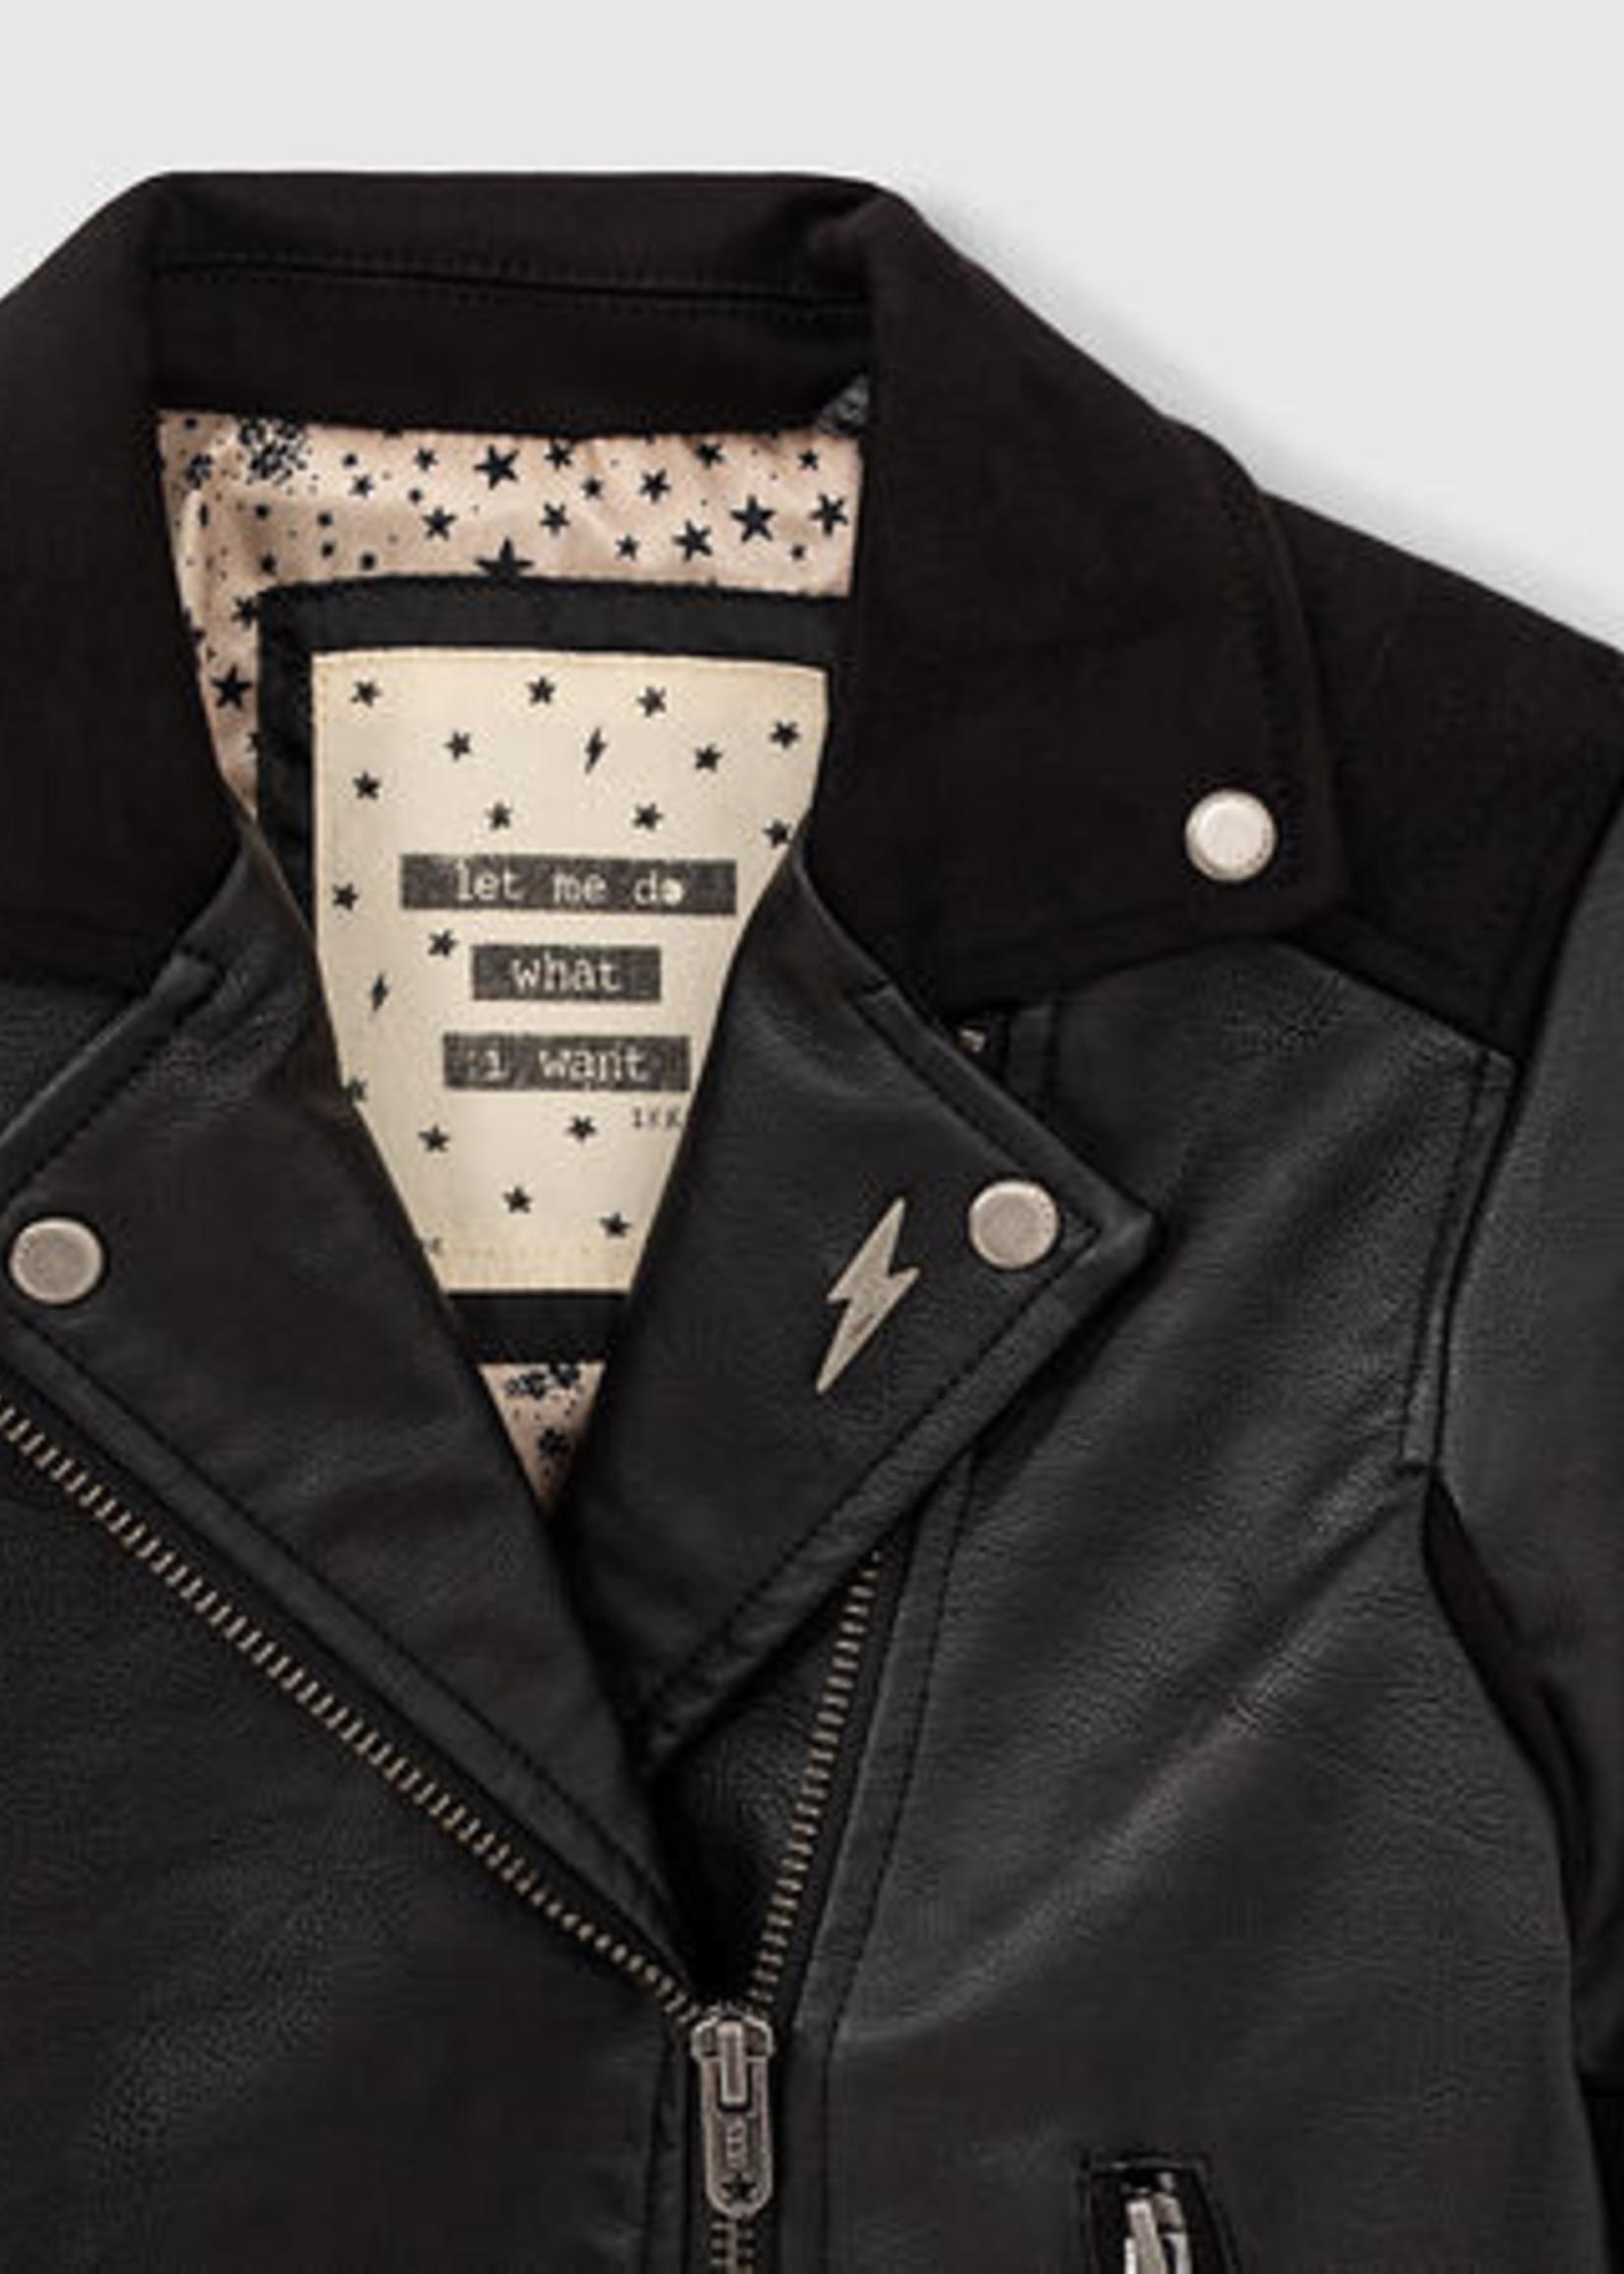 IKKS IKKS cozy rock jacket